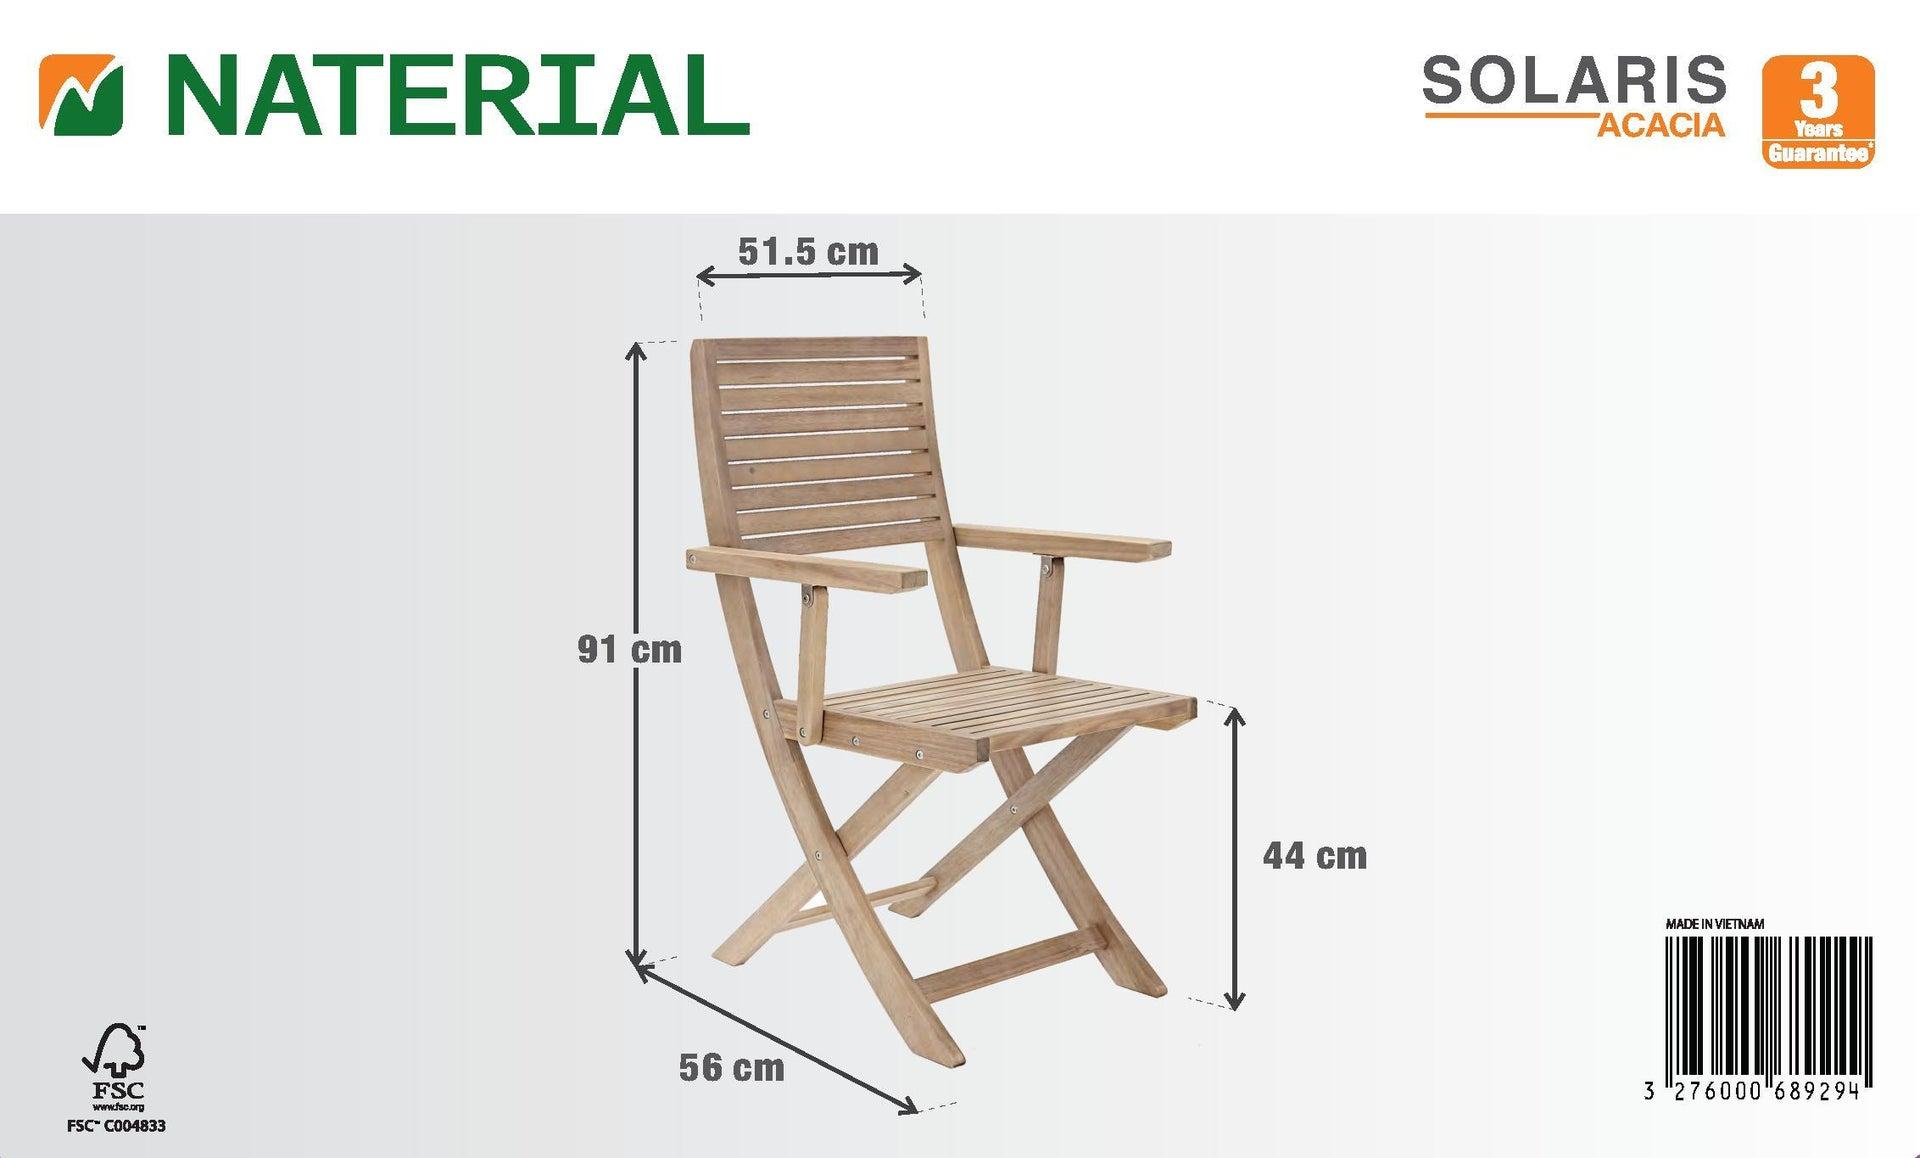 Sedia con braccioli senza cuscino pieghevole in legno Solaris NATERIAL colore acacia - 7